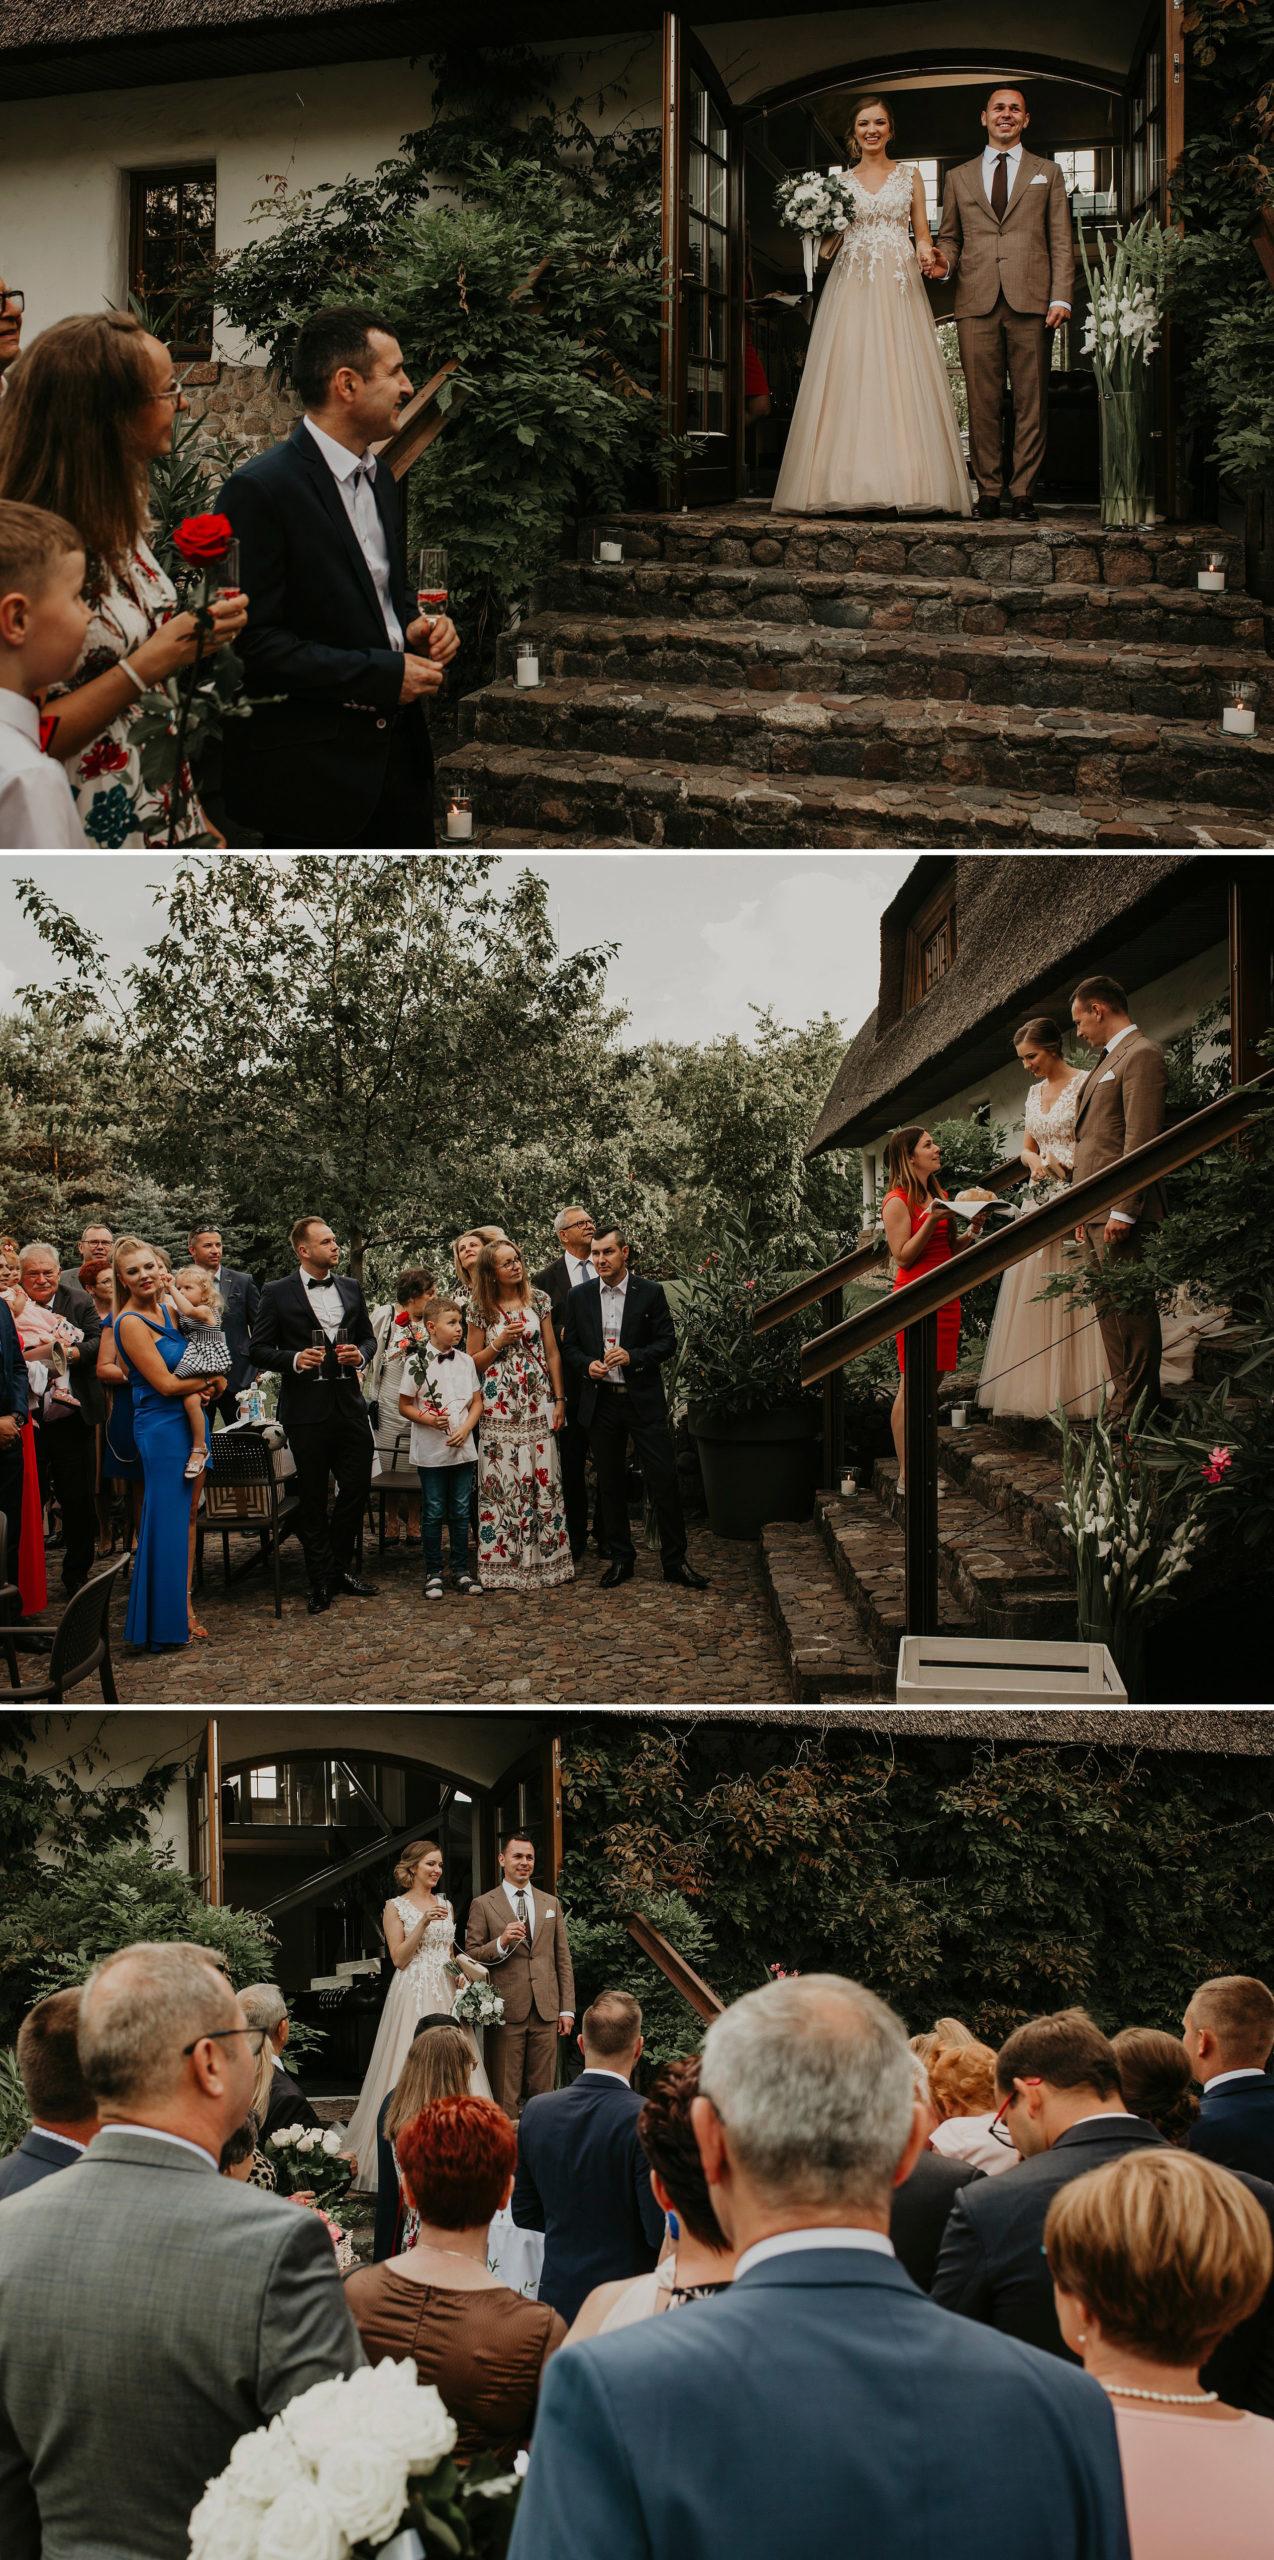 wesele hotelarnia puszczykowo 127 scaled